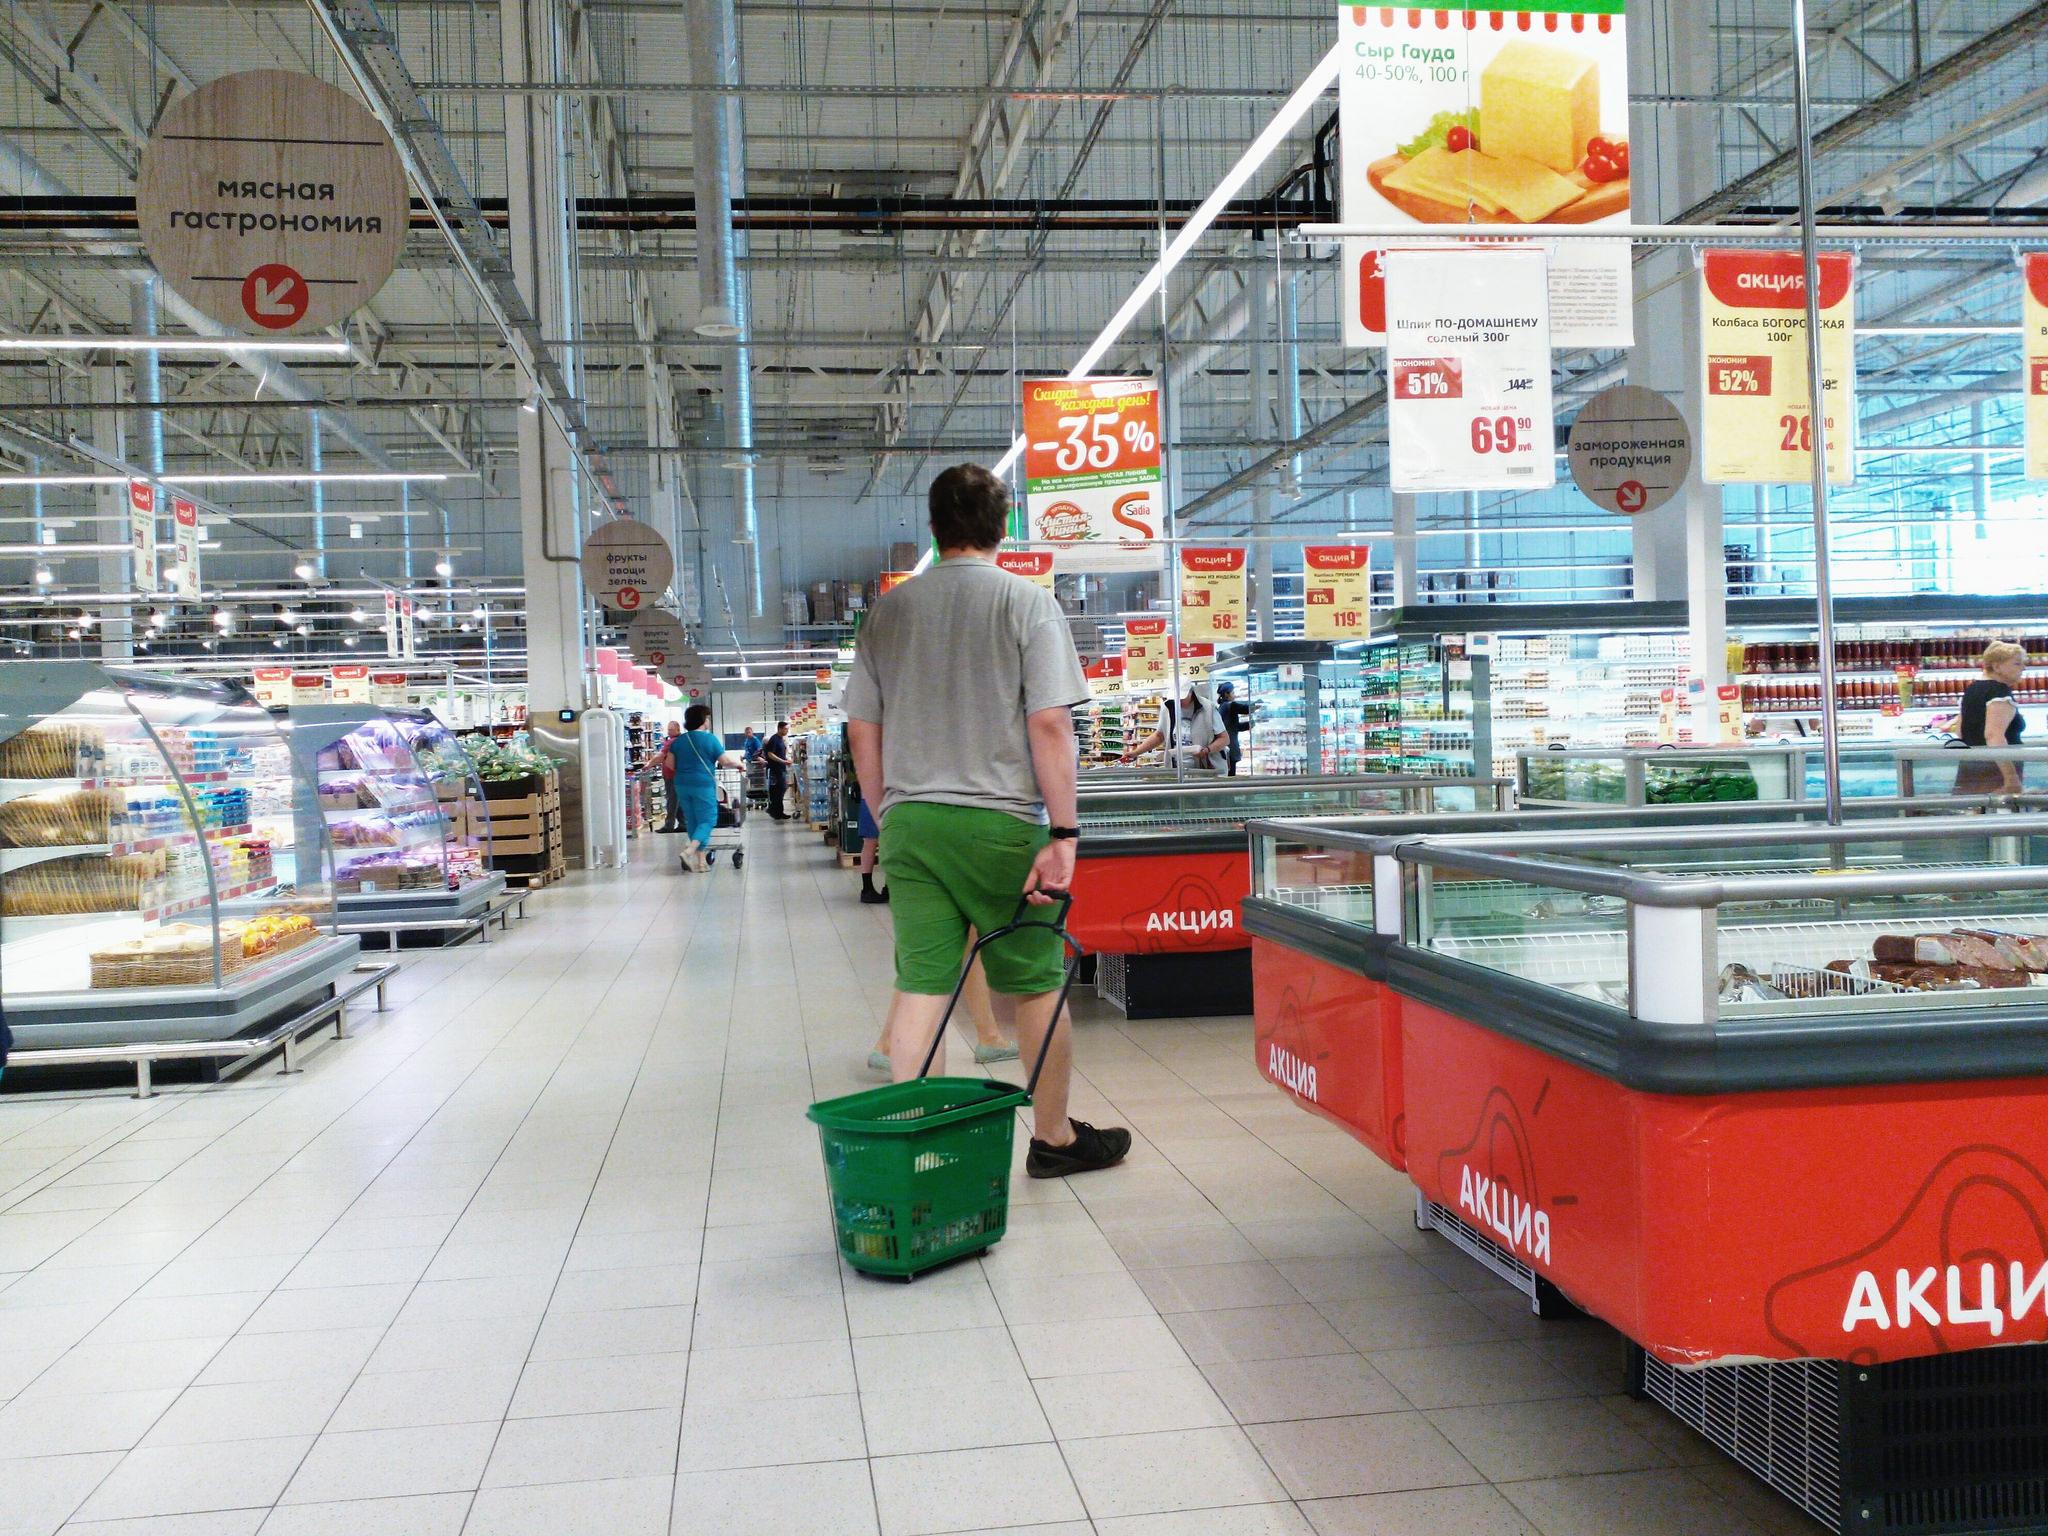 еда в кредит в перми где найти частных инвесторов дающих деньги в долг без залога